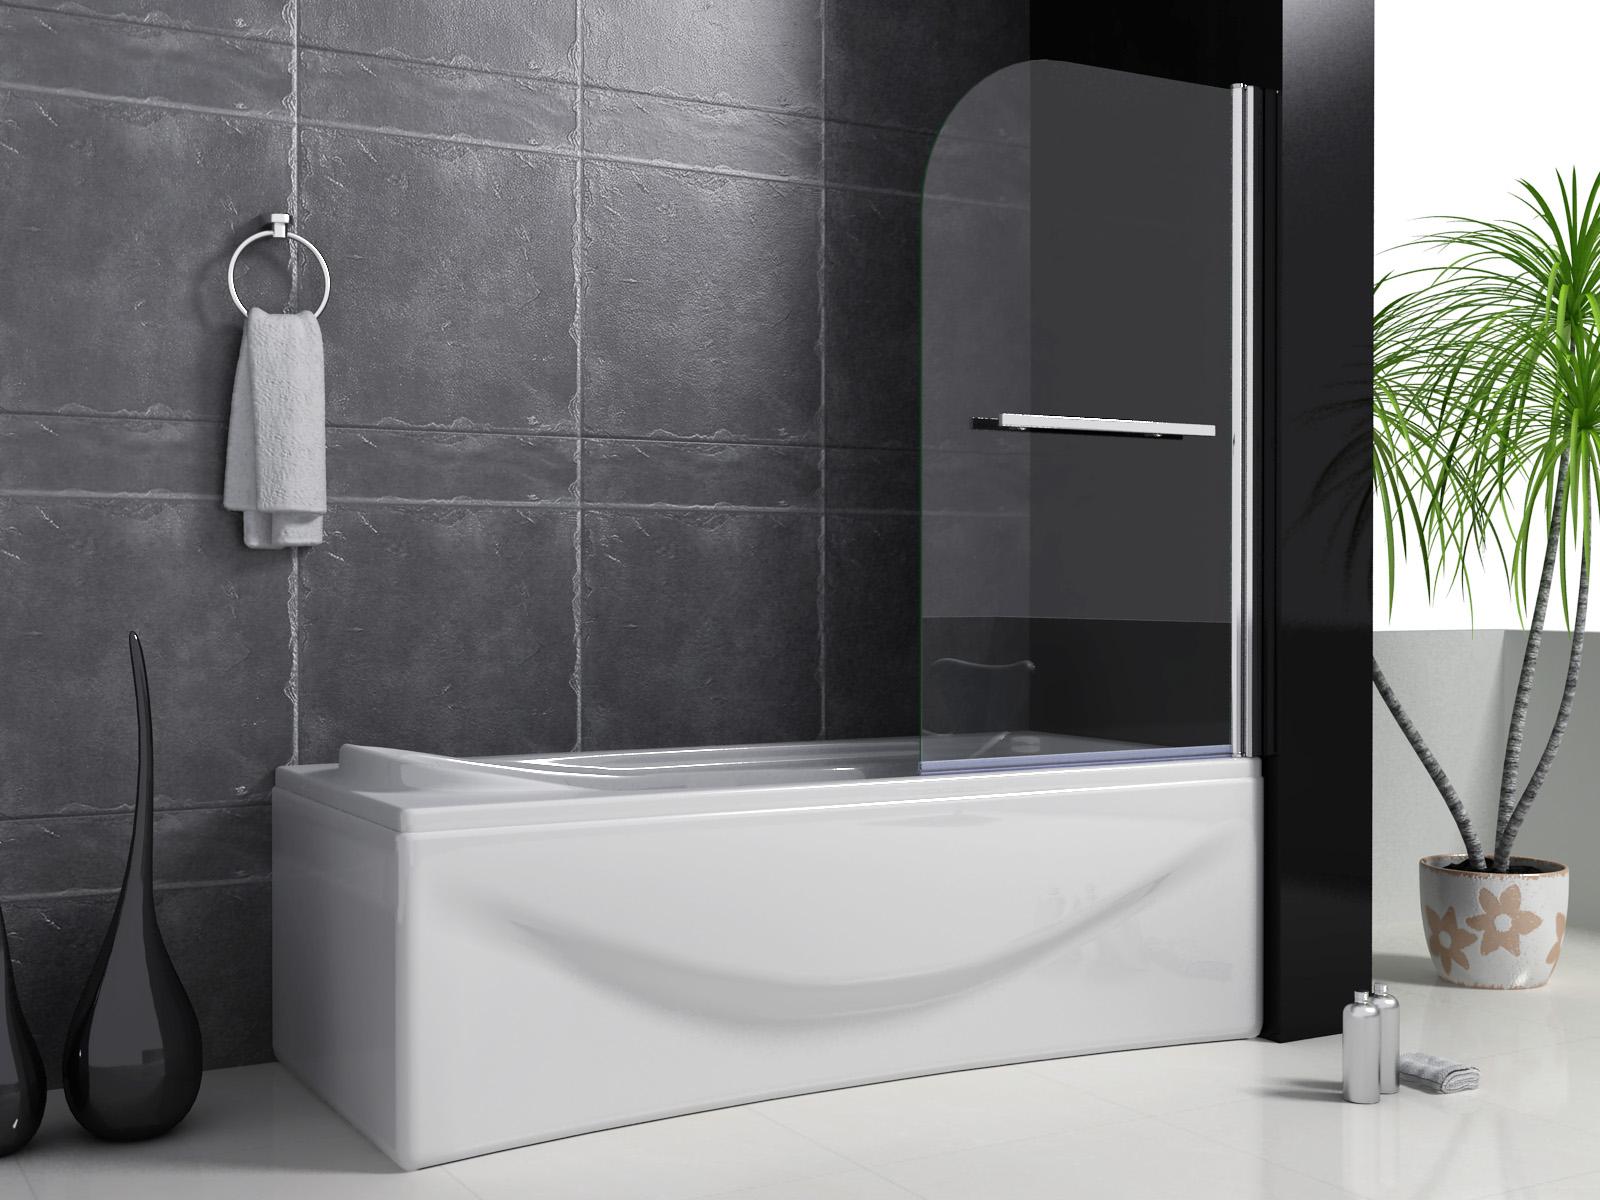 Trennwand Dusche Glas : Trennwand Badewanne Dusche : 80x140cm ...